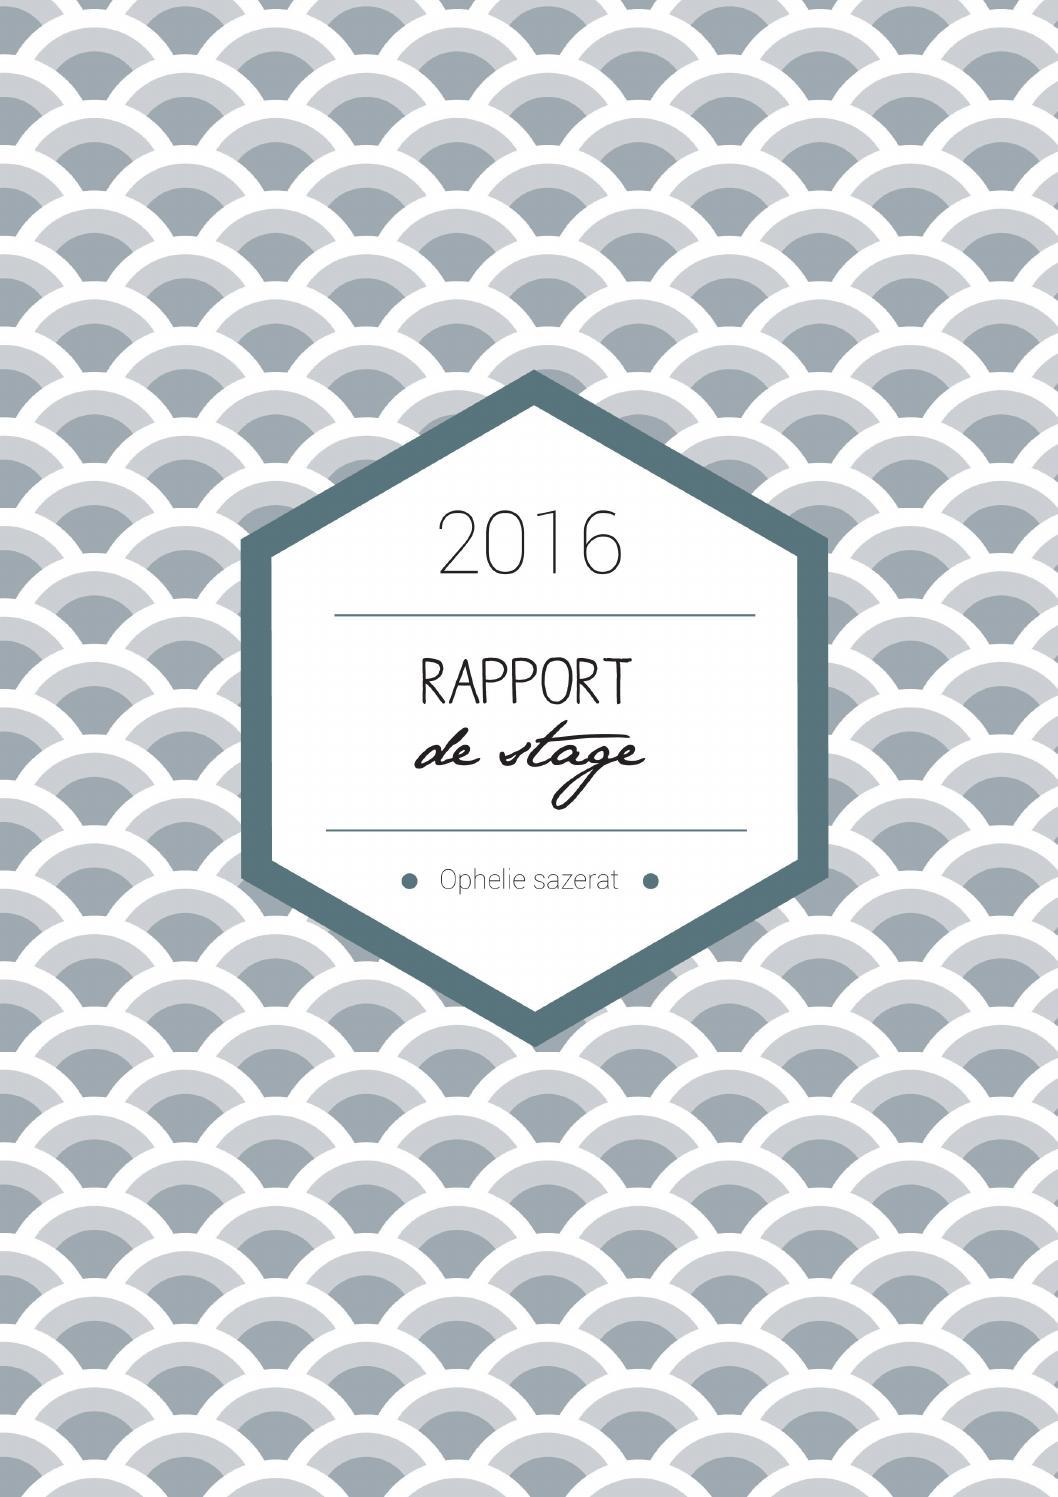 Bien-aimé Rapport de stage pfe design packaging by Malek El Béji - issuu WF63